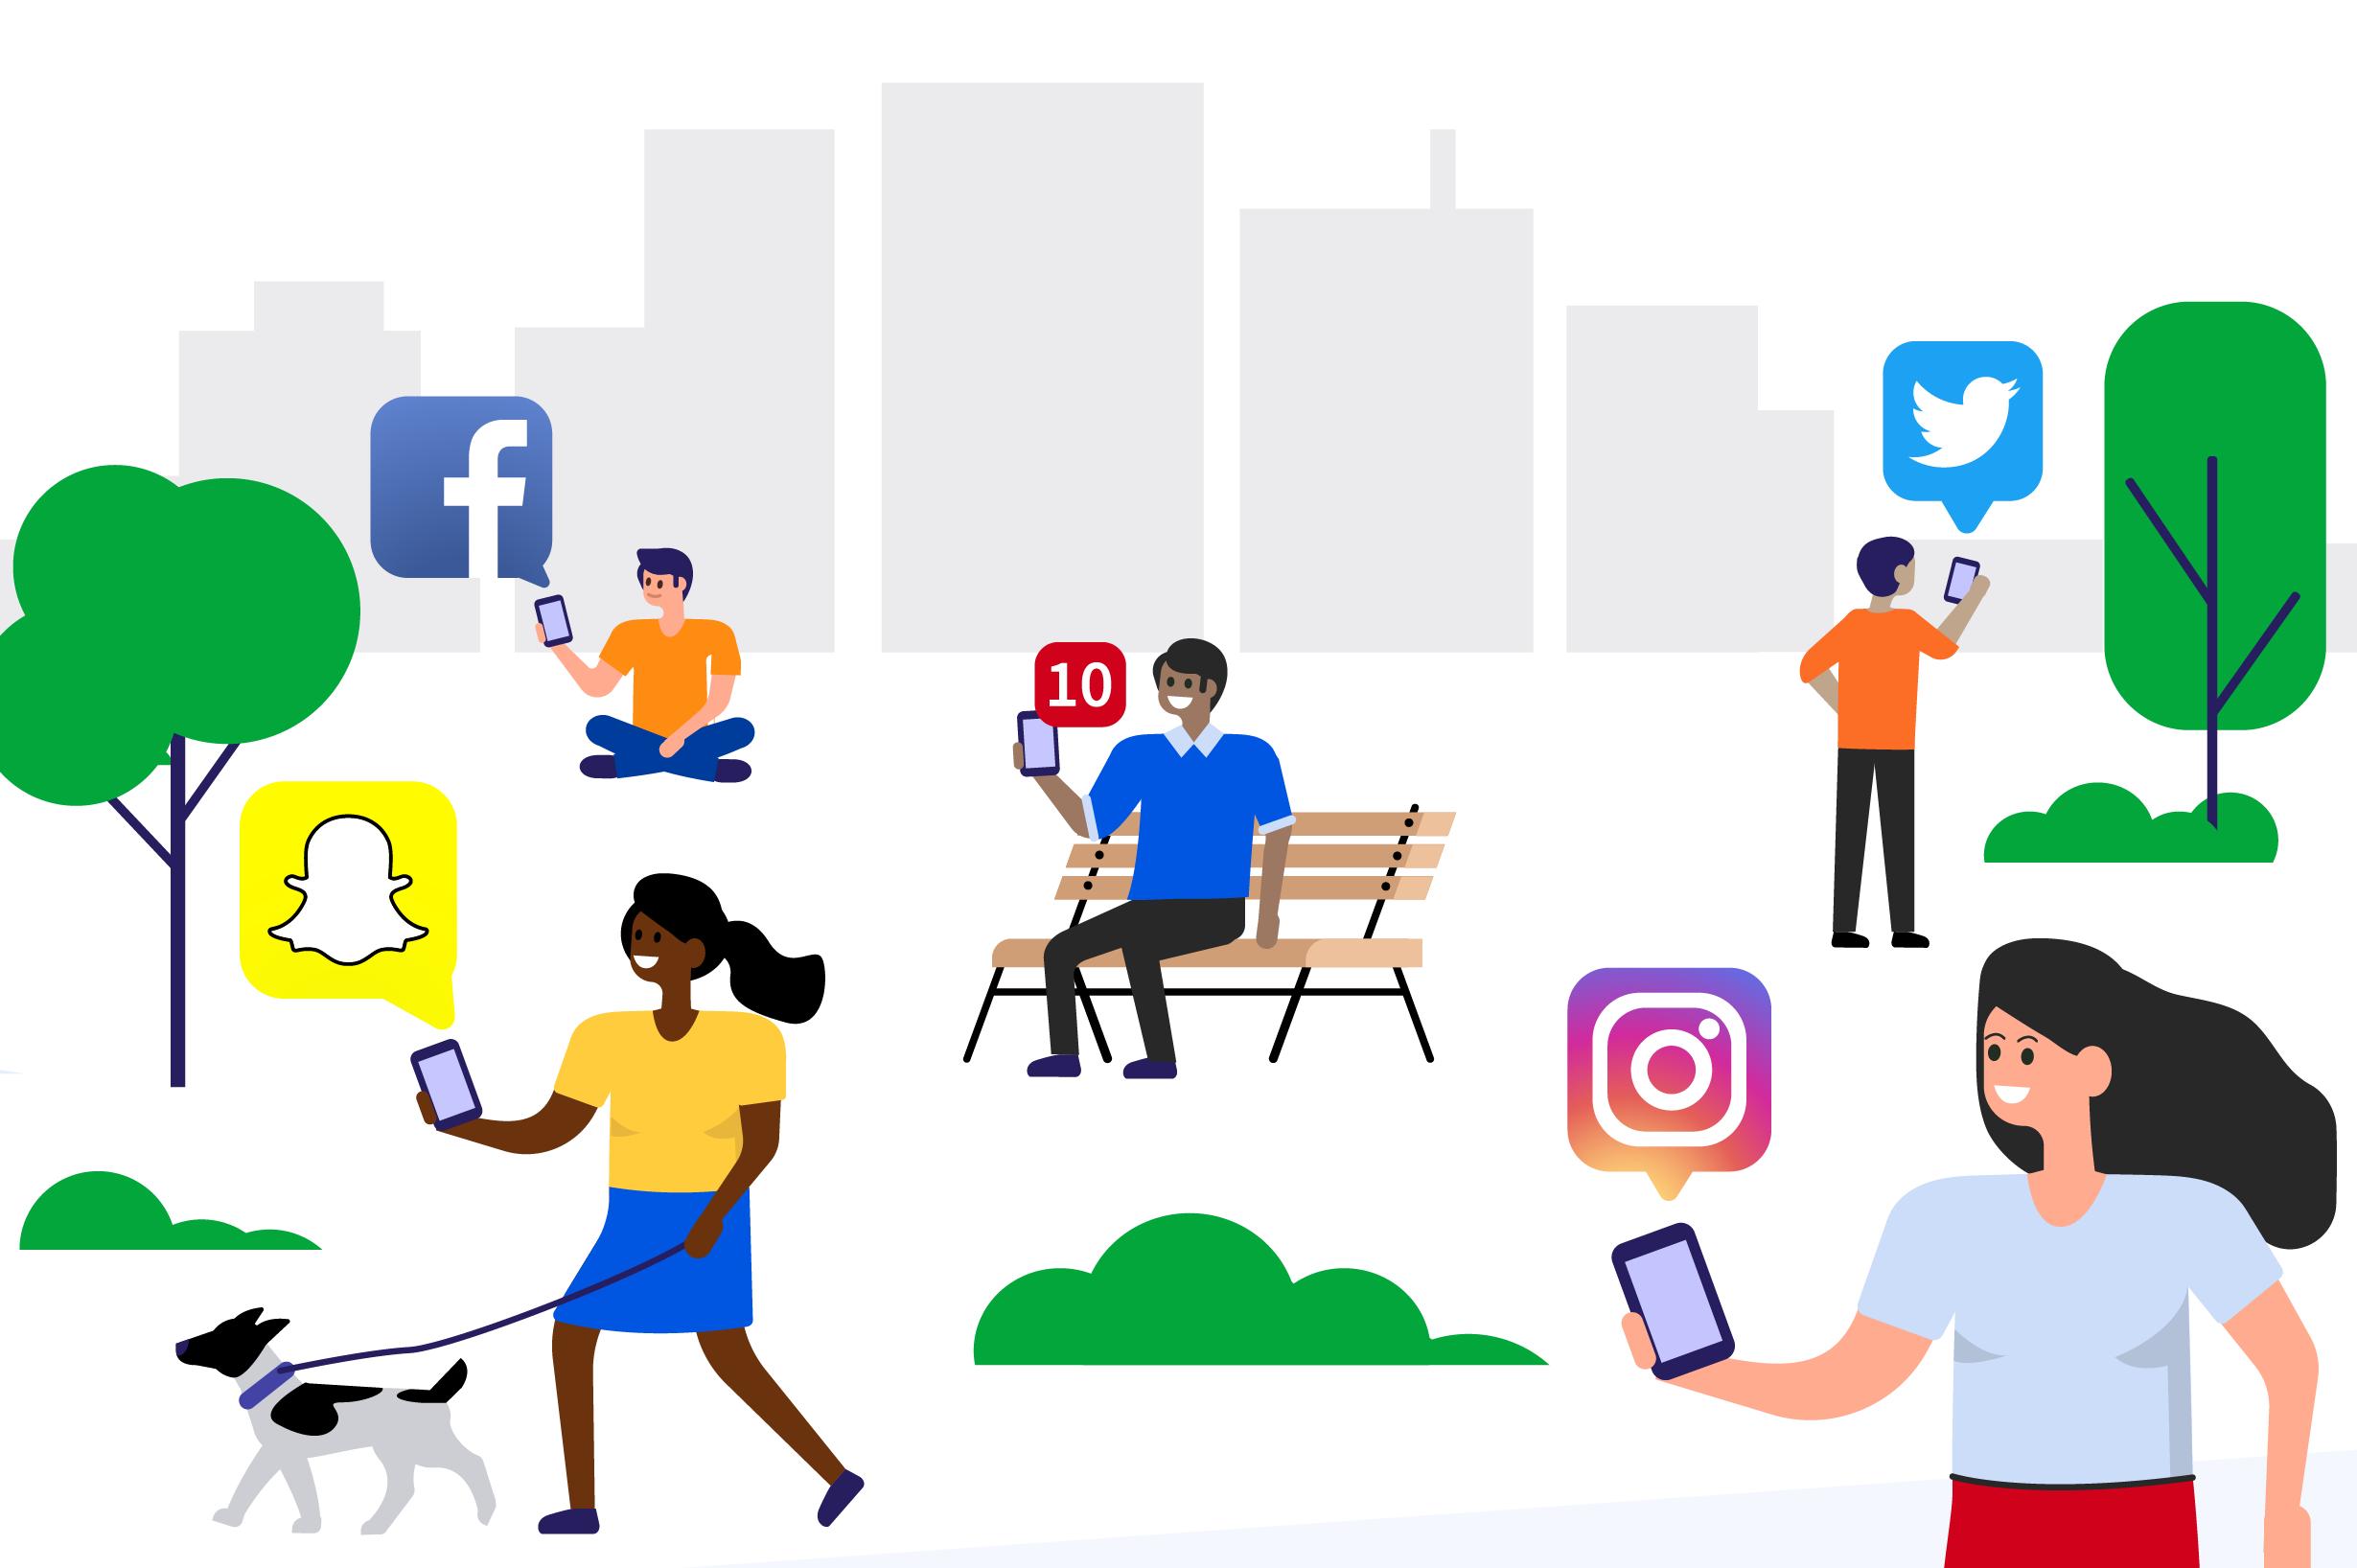 İşletmeler İçin Sosyal Medya Pazarlamasının Önemi